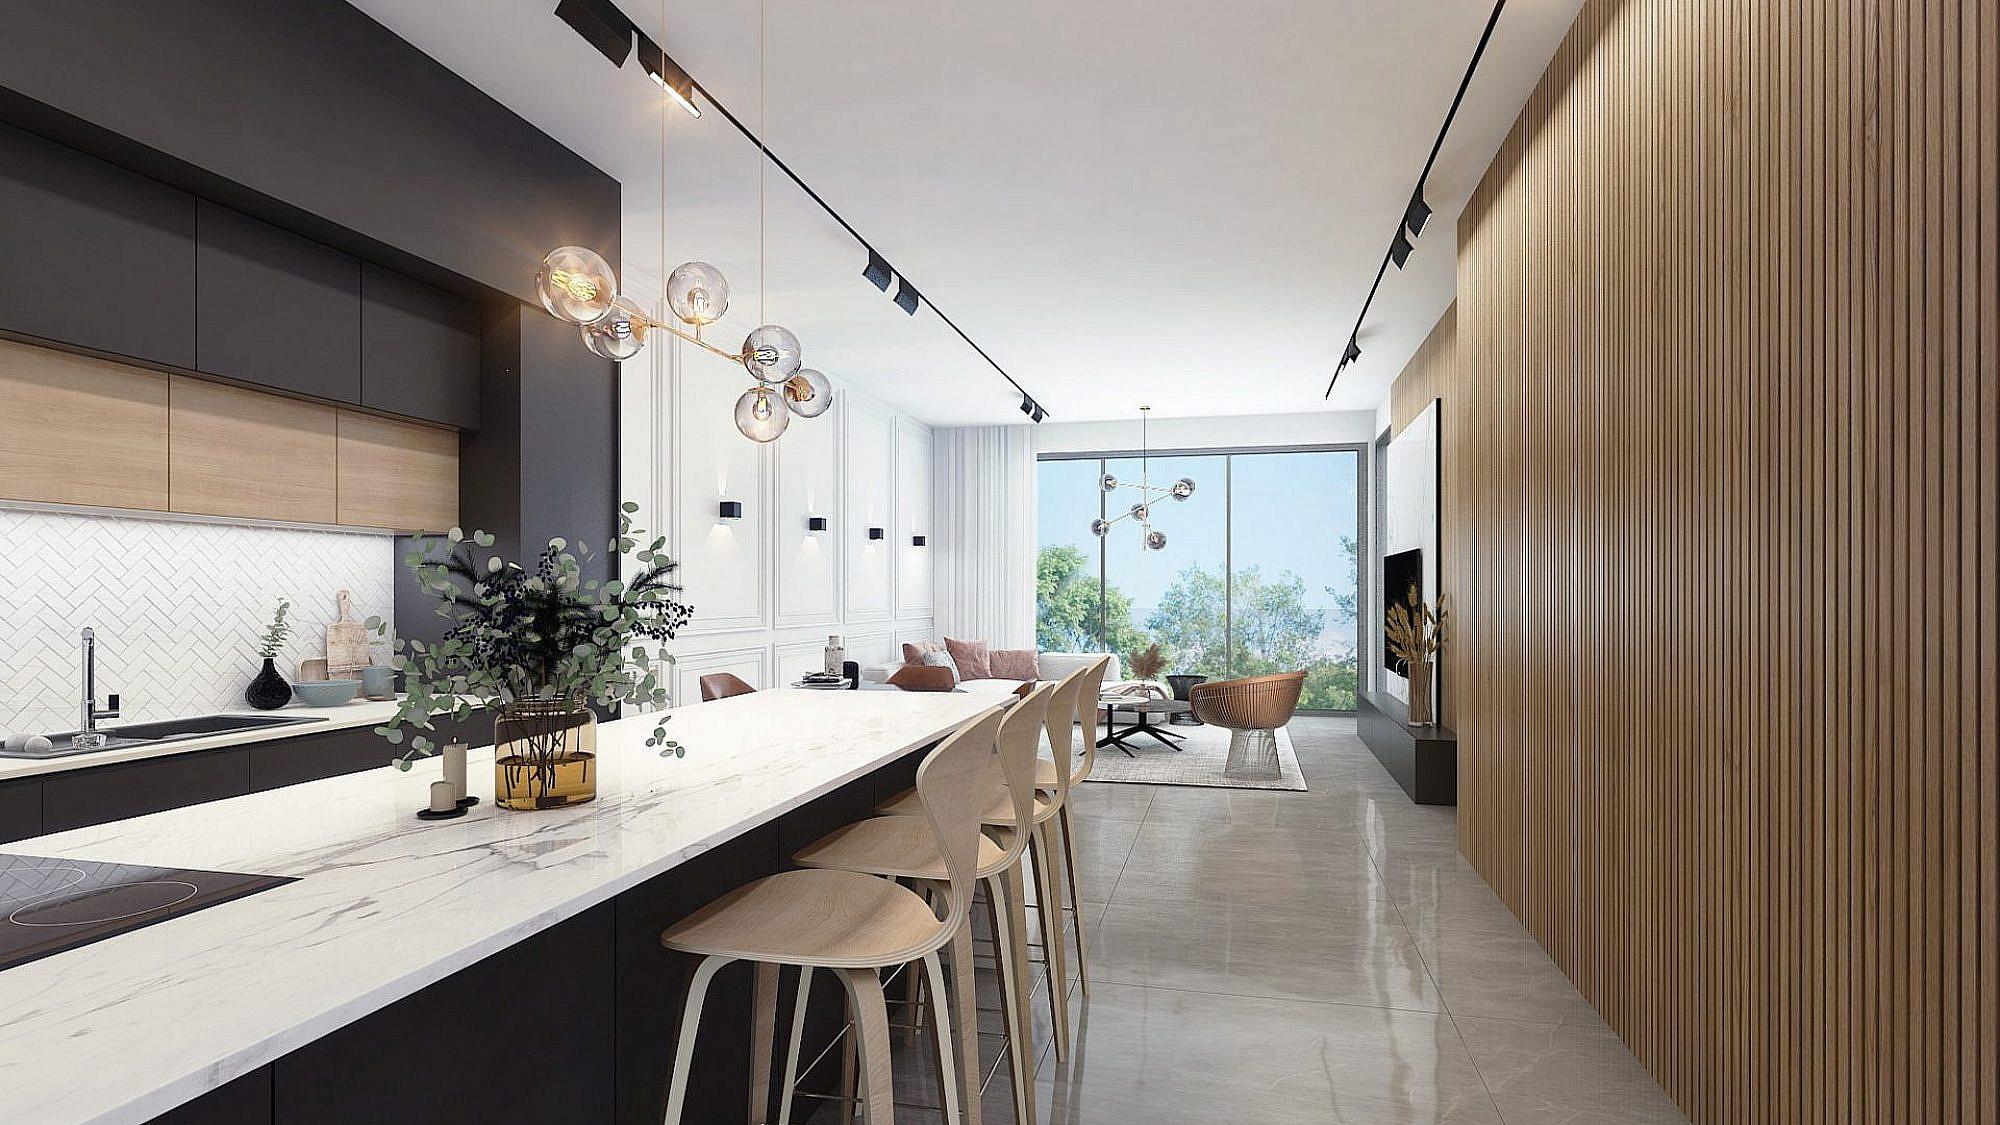 חלונות גדולים בגודל קיר המכניסים את החוץ פנימה | תכנון ועיצוב: שחר הכט, צילום: ליאור טייטלר